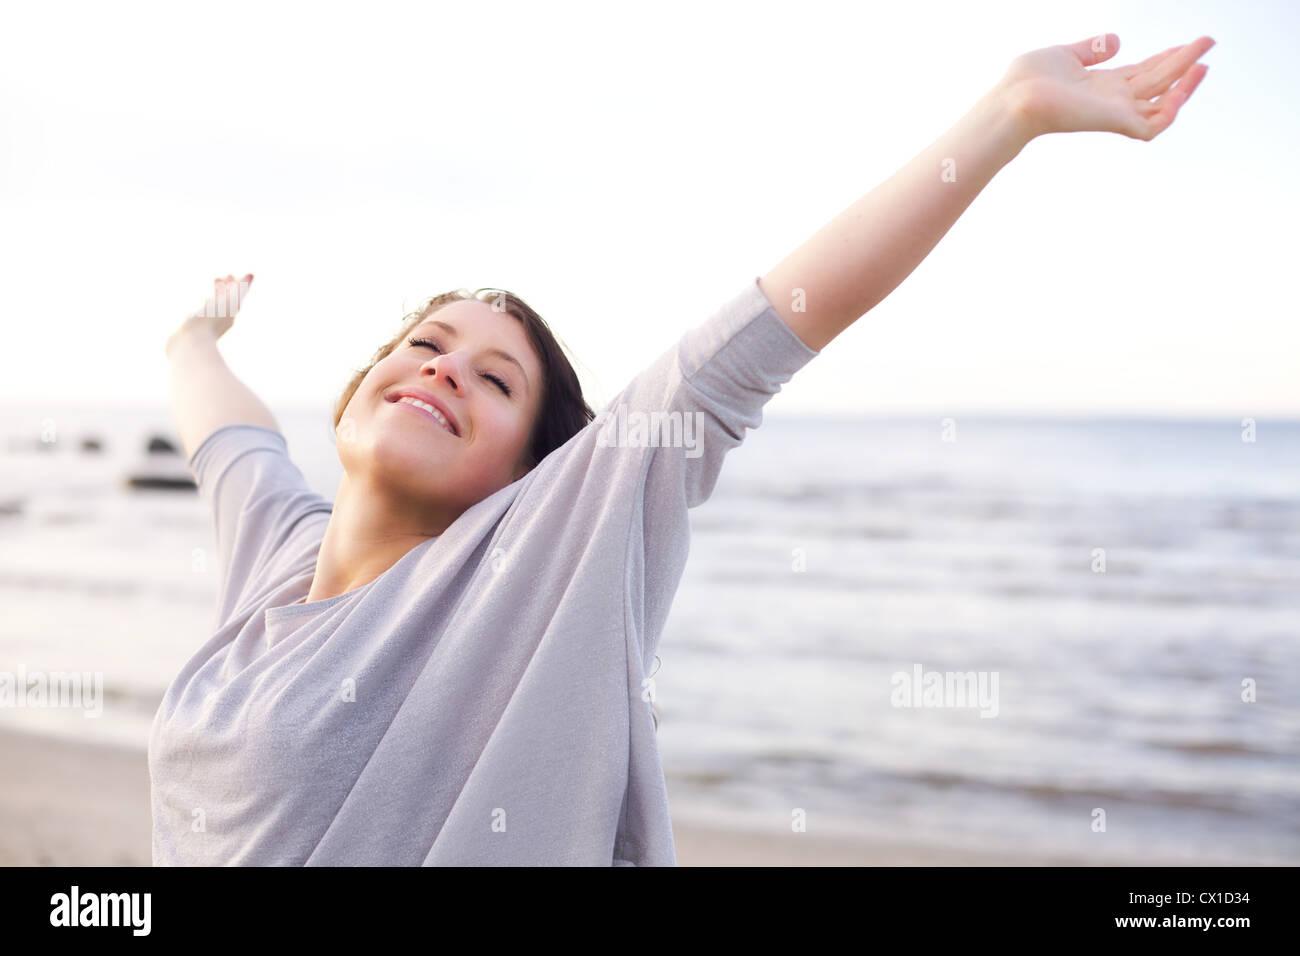 Donna stretching le braccia per godere della fresca aria di mare Immagini Stock